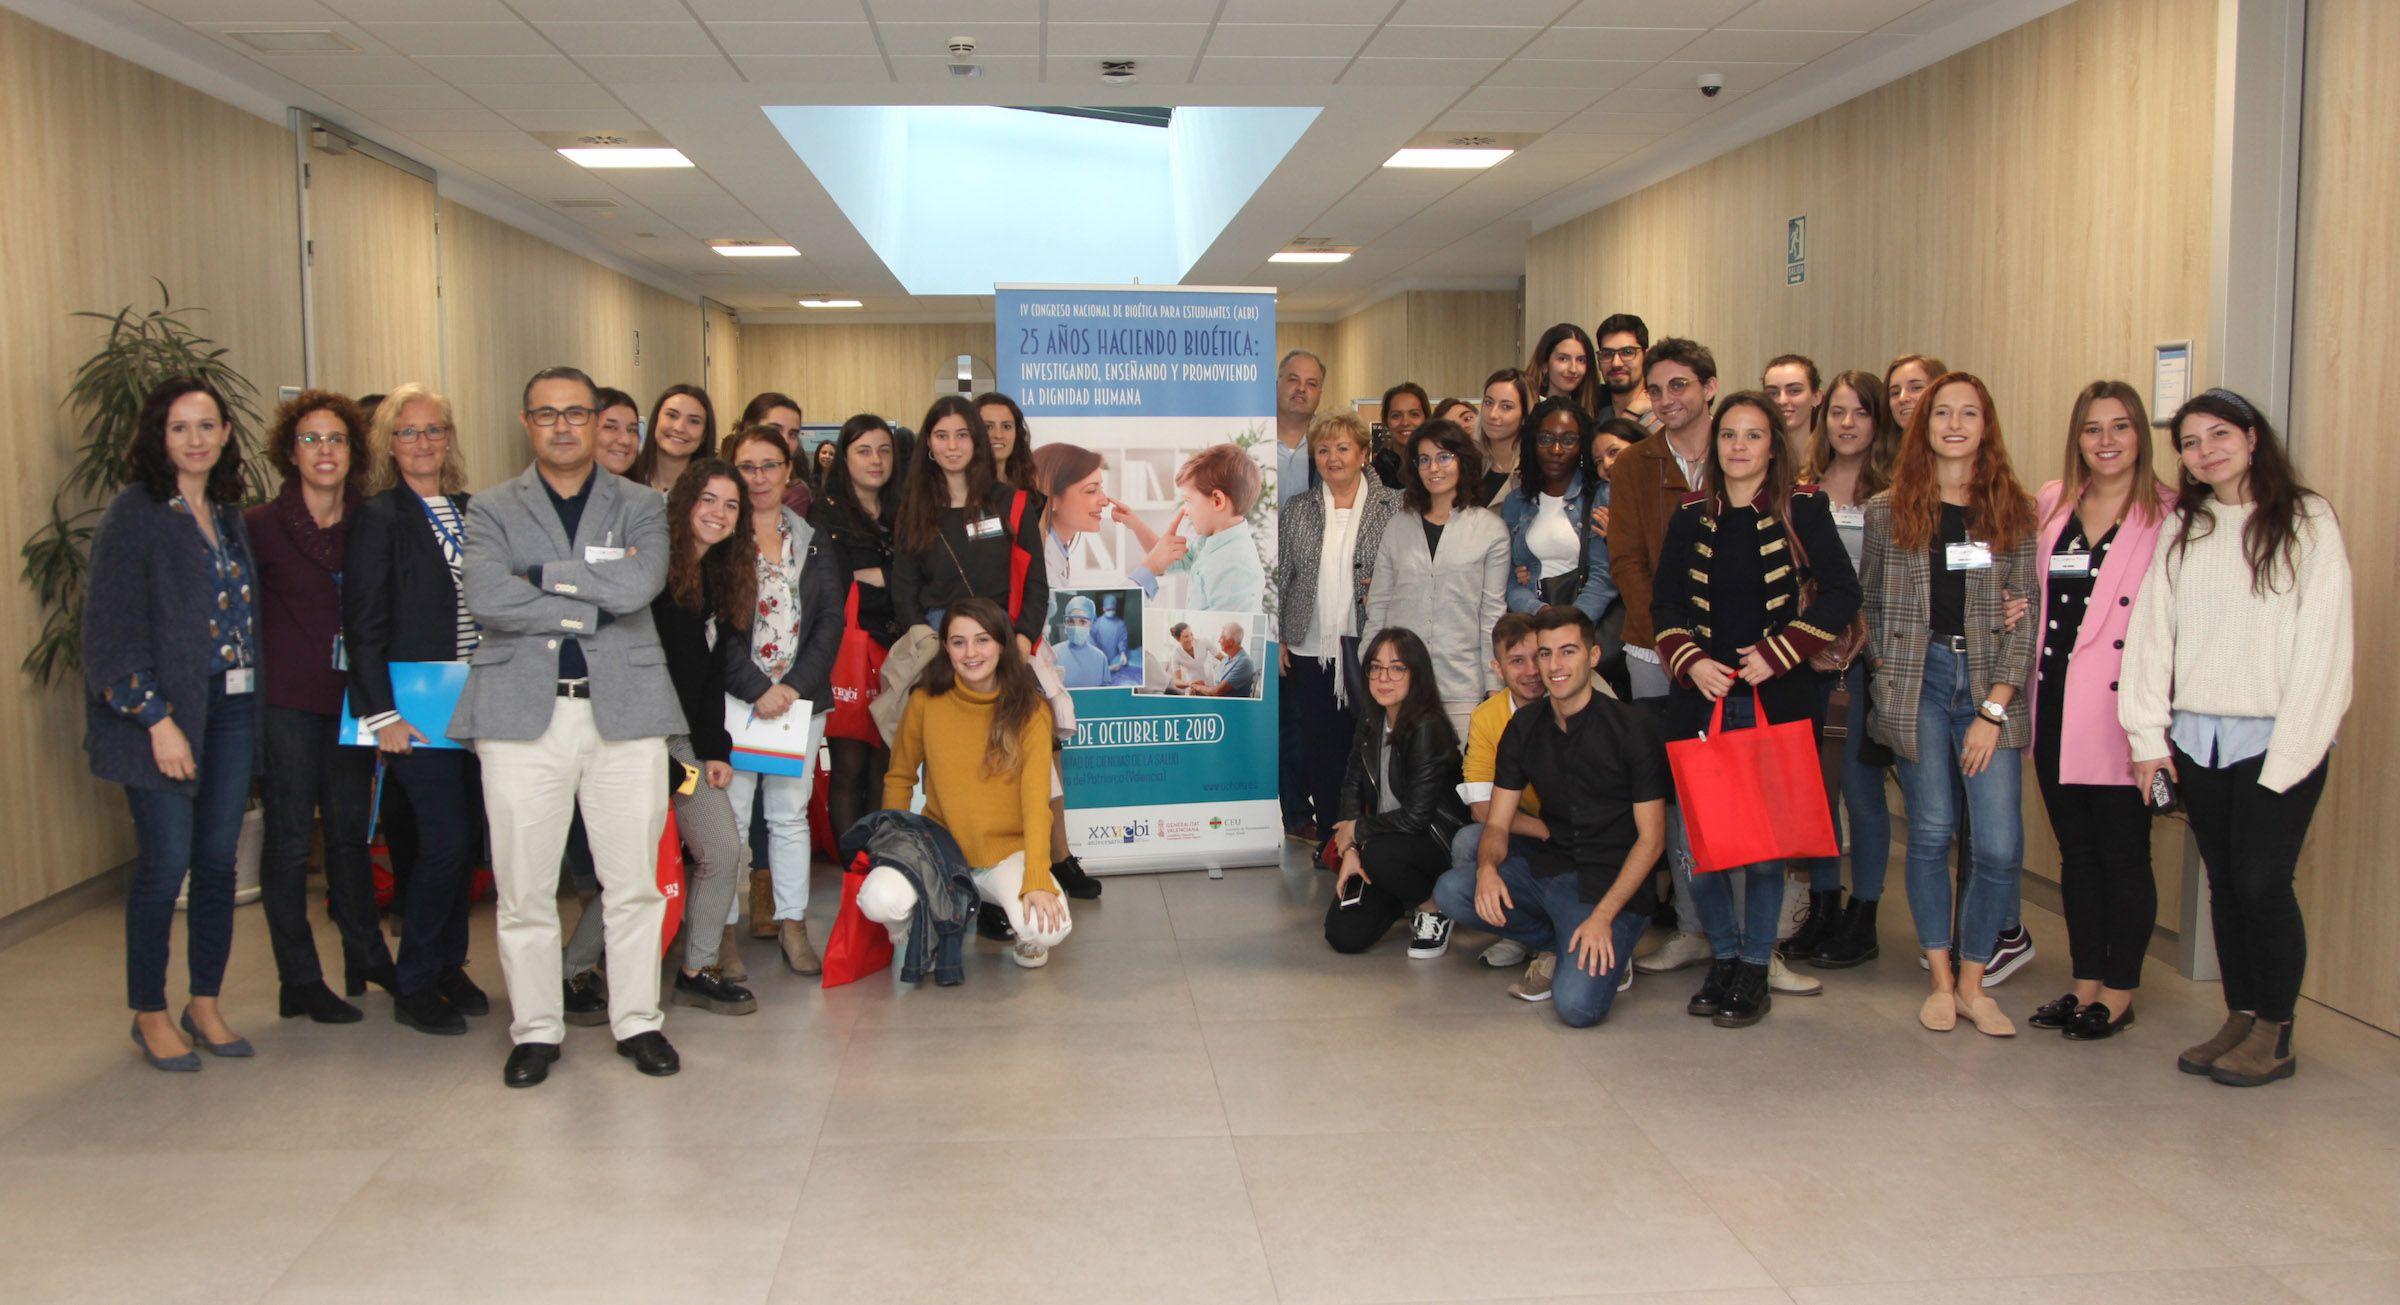 Estudiantes participantes en el IV Congreso de Bioética para Universitarios de la AEBI, que ha celebrado su cuarta ediciónen la Facultad de Ciencias de la Salud de la CEU UCH.